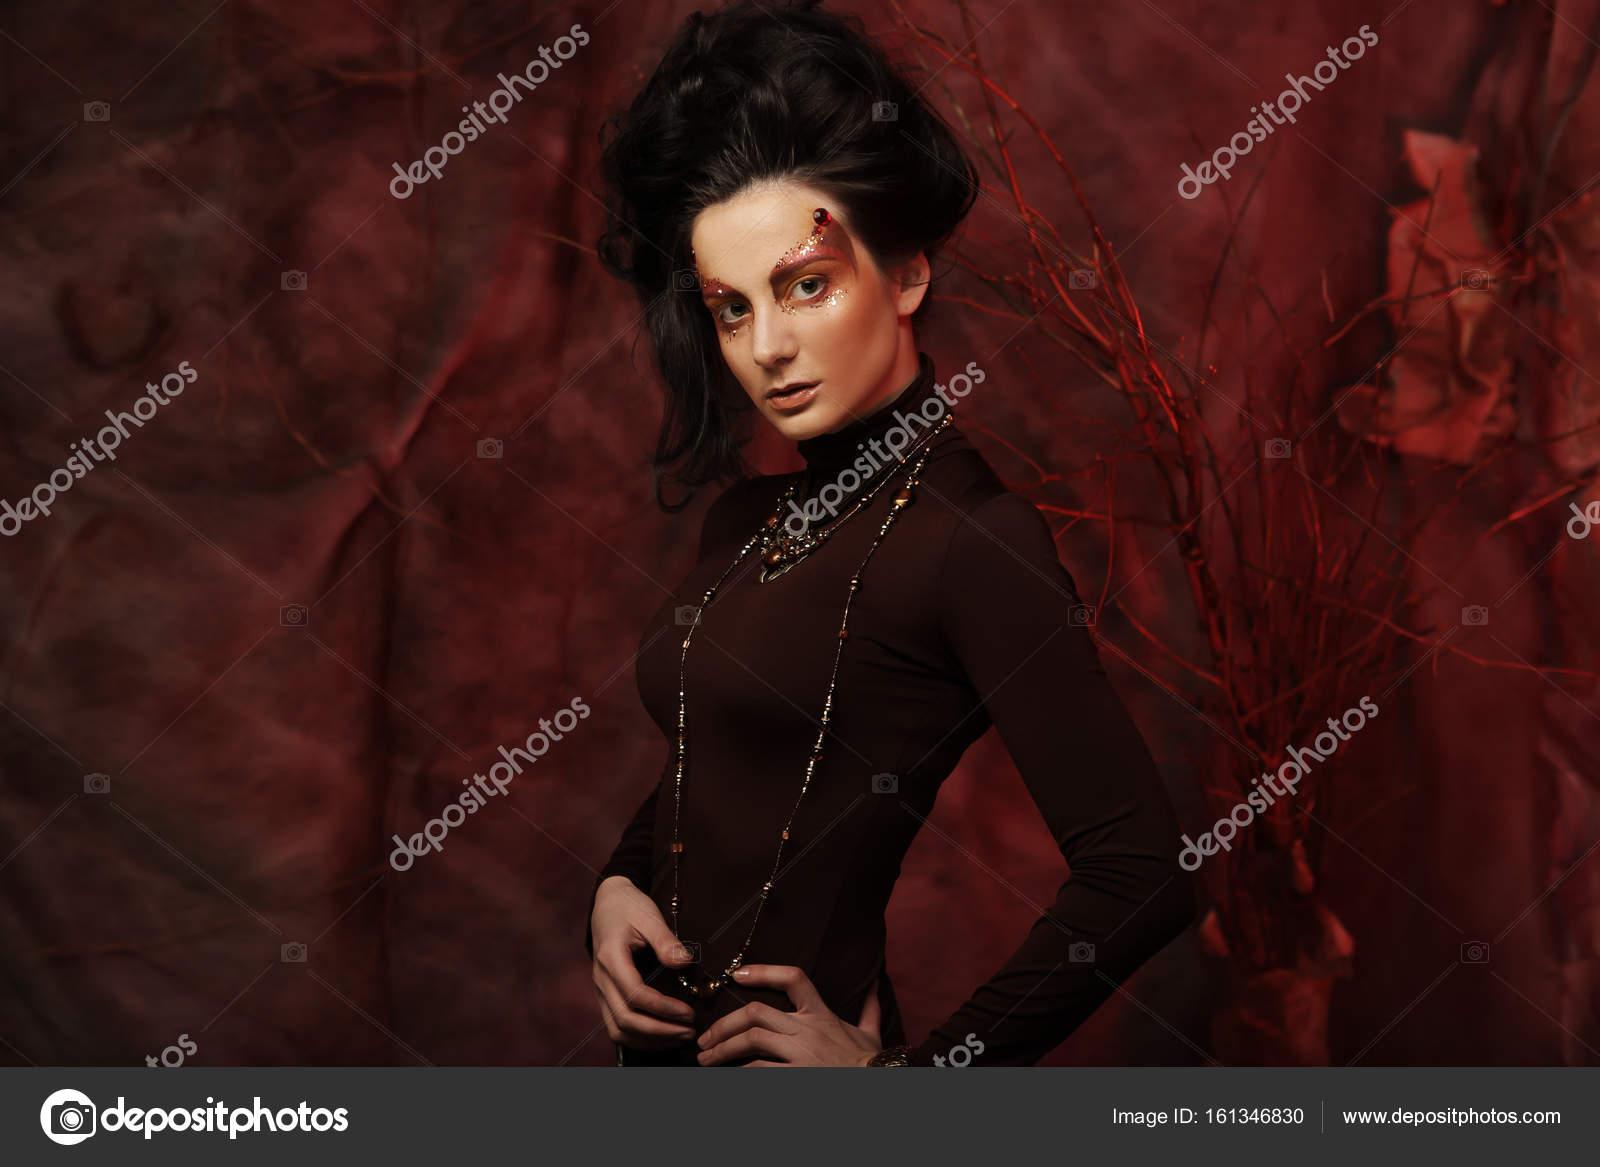 Mannequin in kunst decoratie u2014 stockfoto © kanareva #161346830